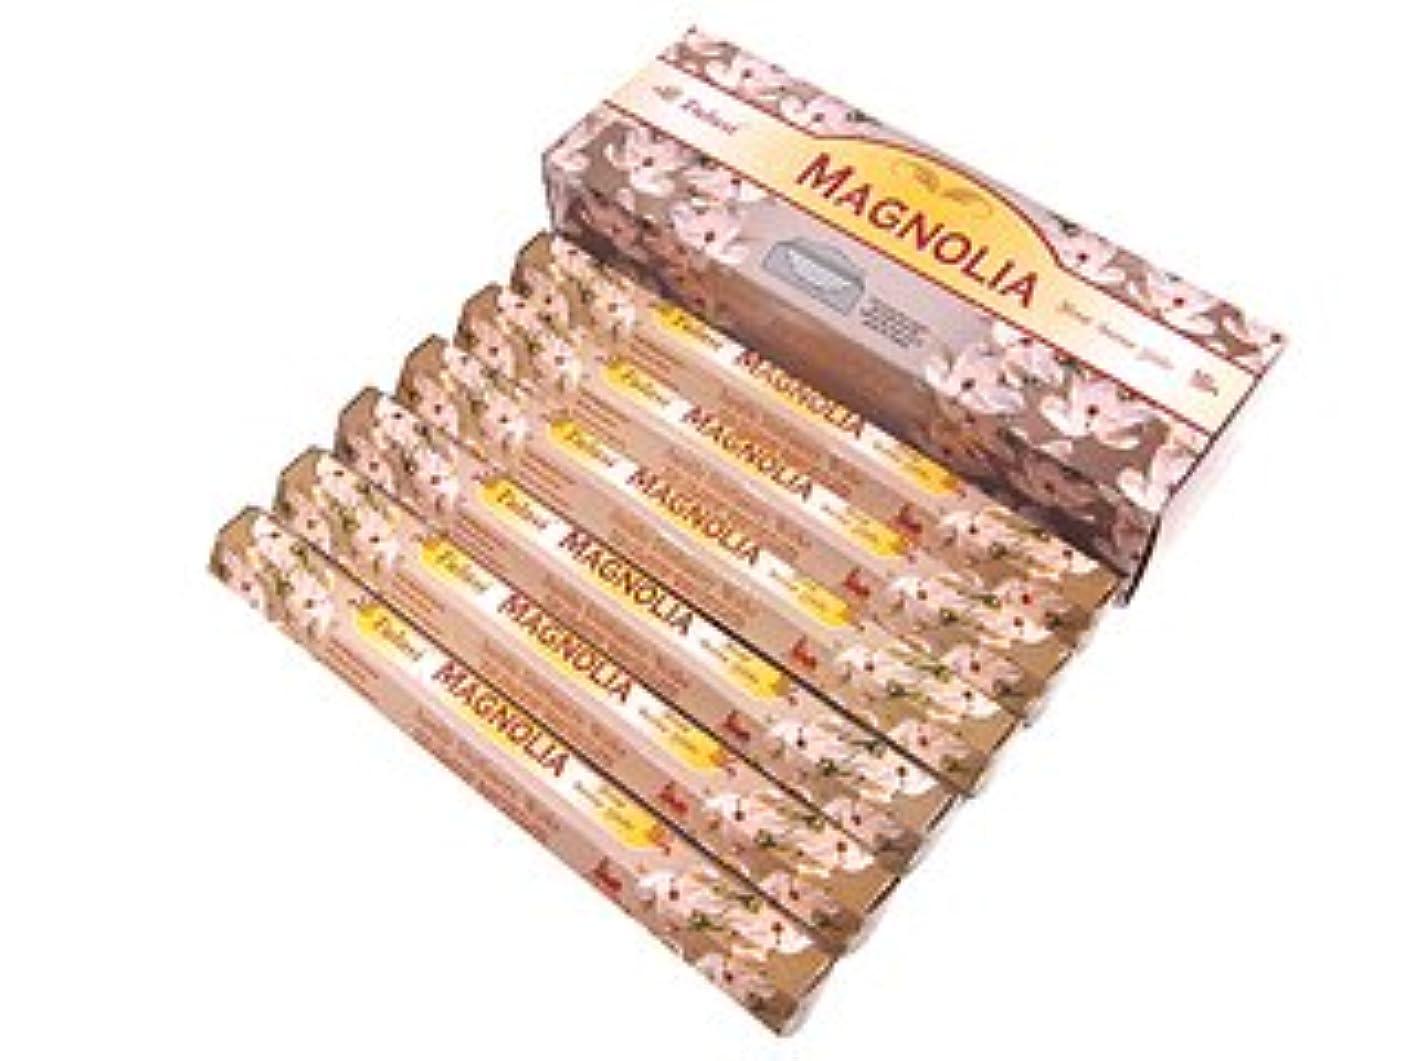 びっくりした散らす絶縁するTULASI(トゥラシ) マグノリア香 スティック MAGNOLIA 6箱セット